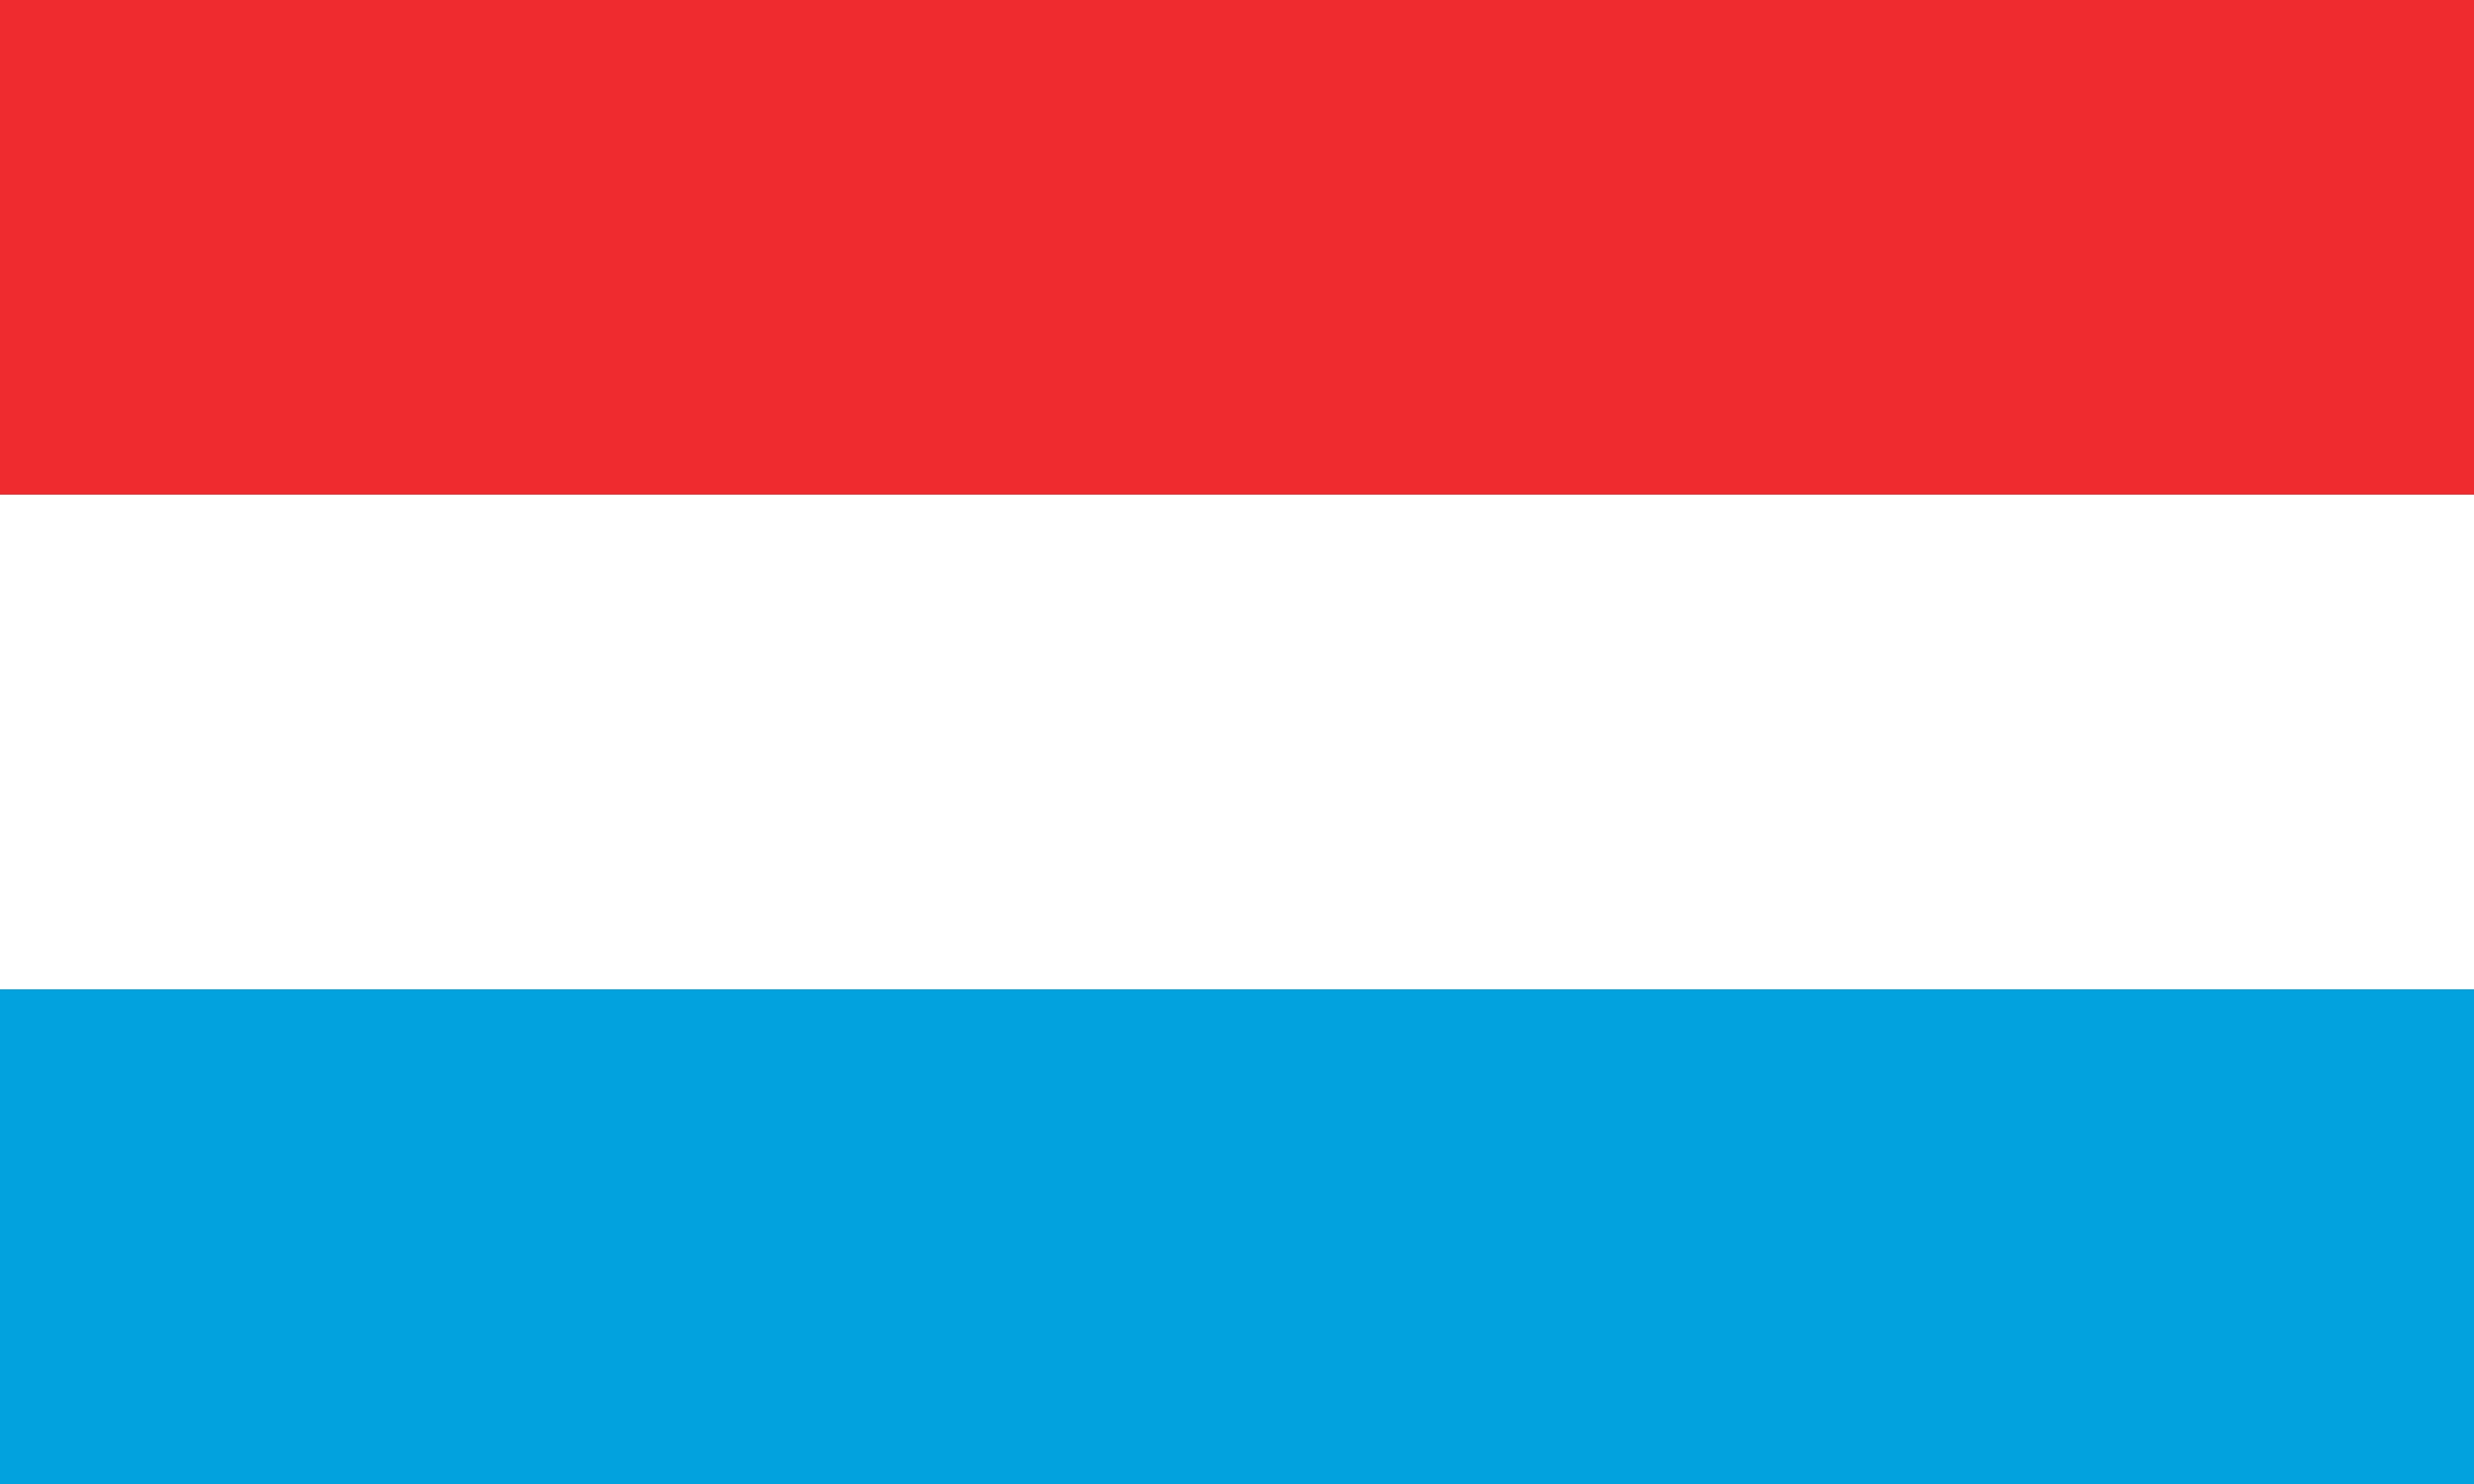 ルクセンブルクで提出する文書のアポスティーユ申請の代行